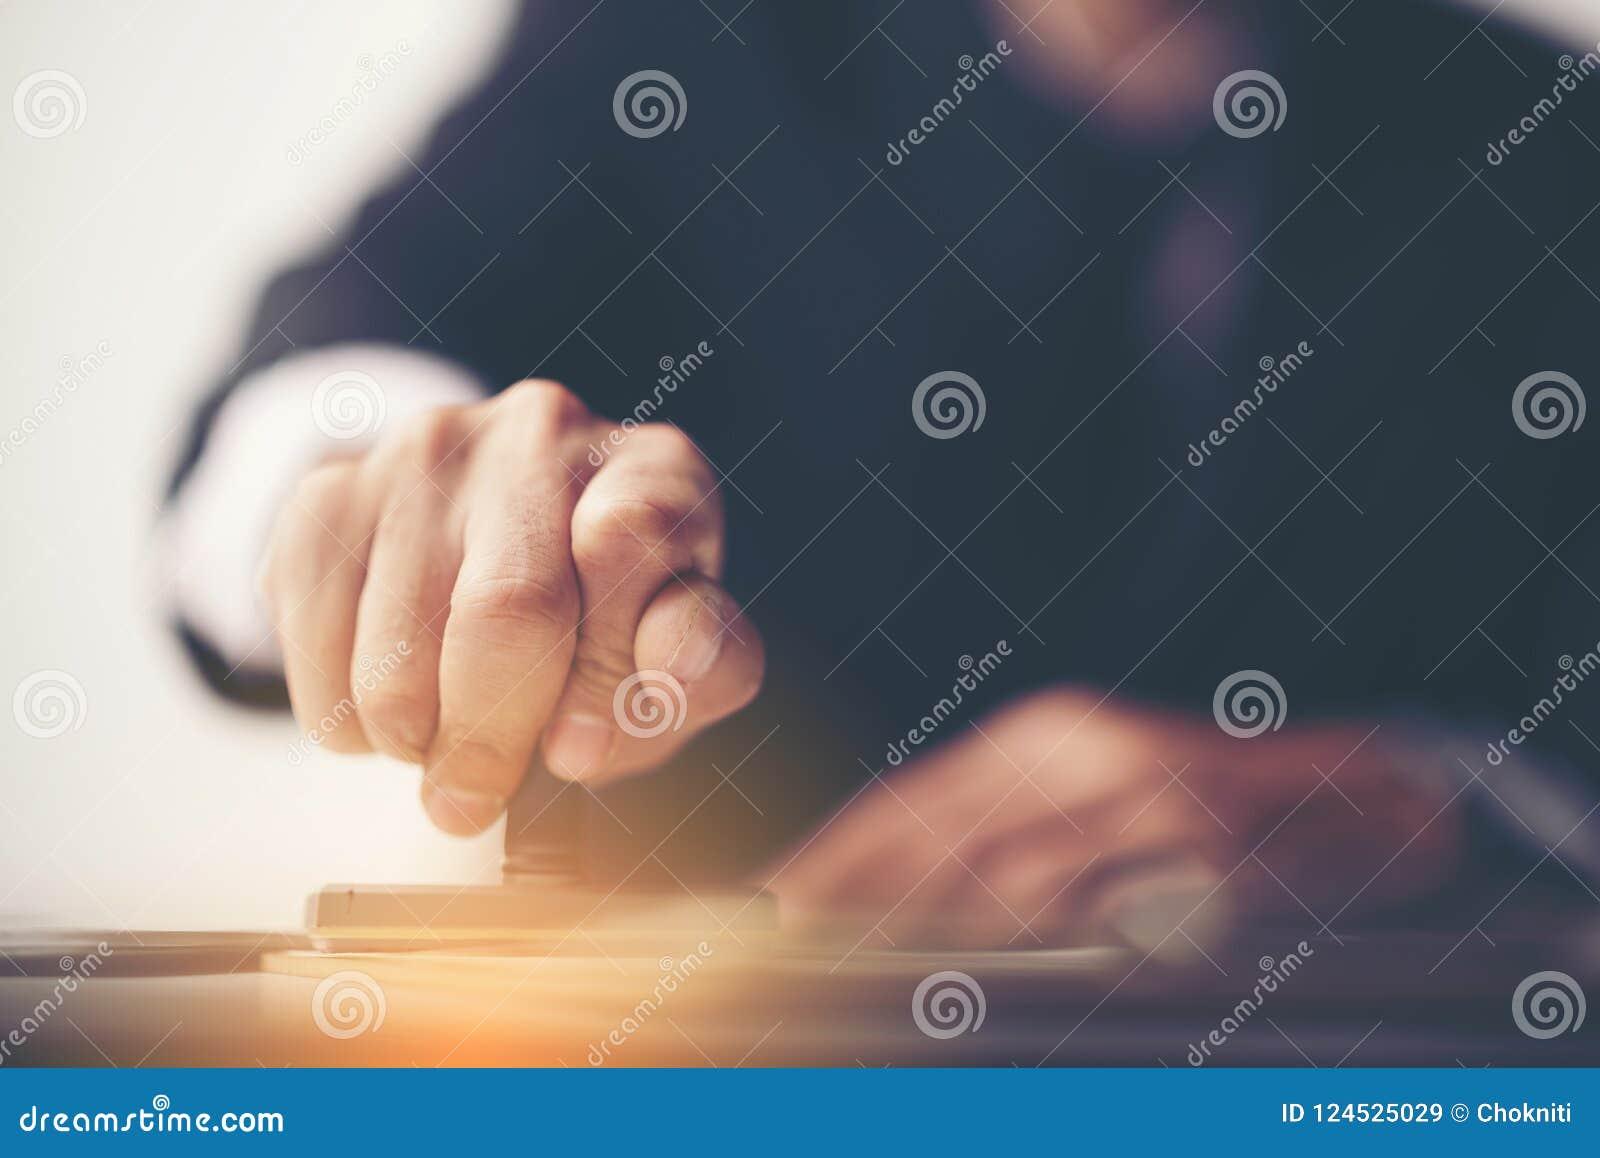 Close-up van de Hand van een Persoon het Stempelen met Goedgekeurde Zegel op Docu